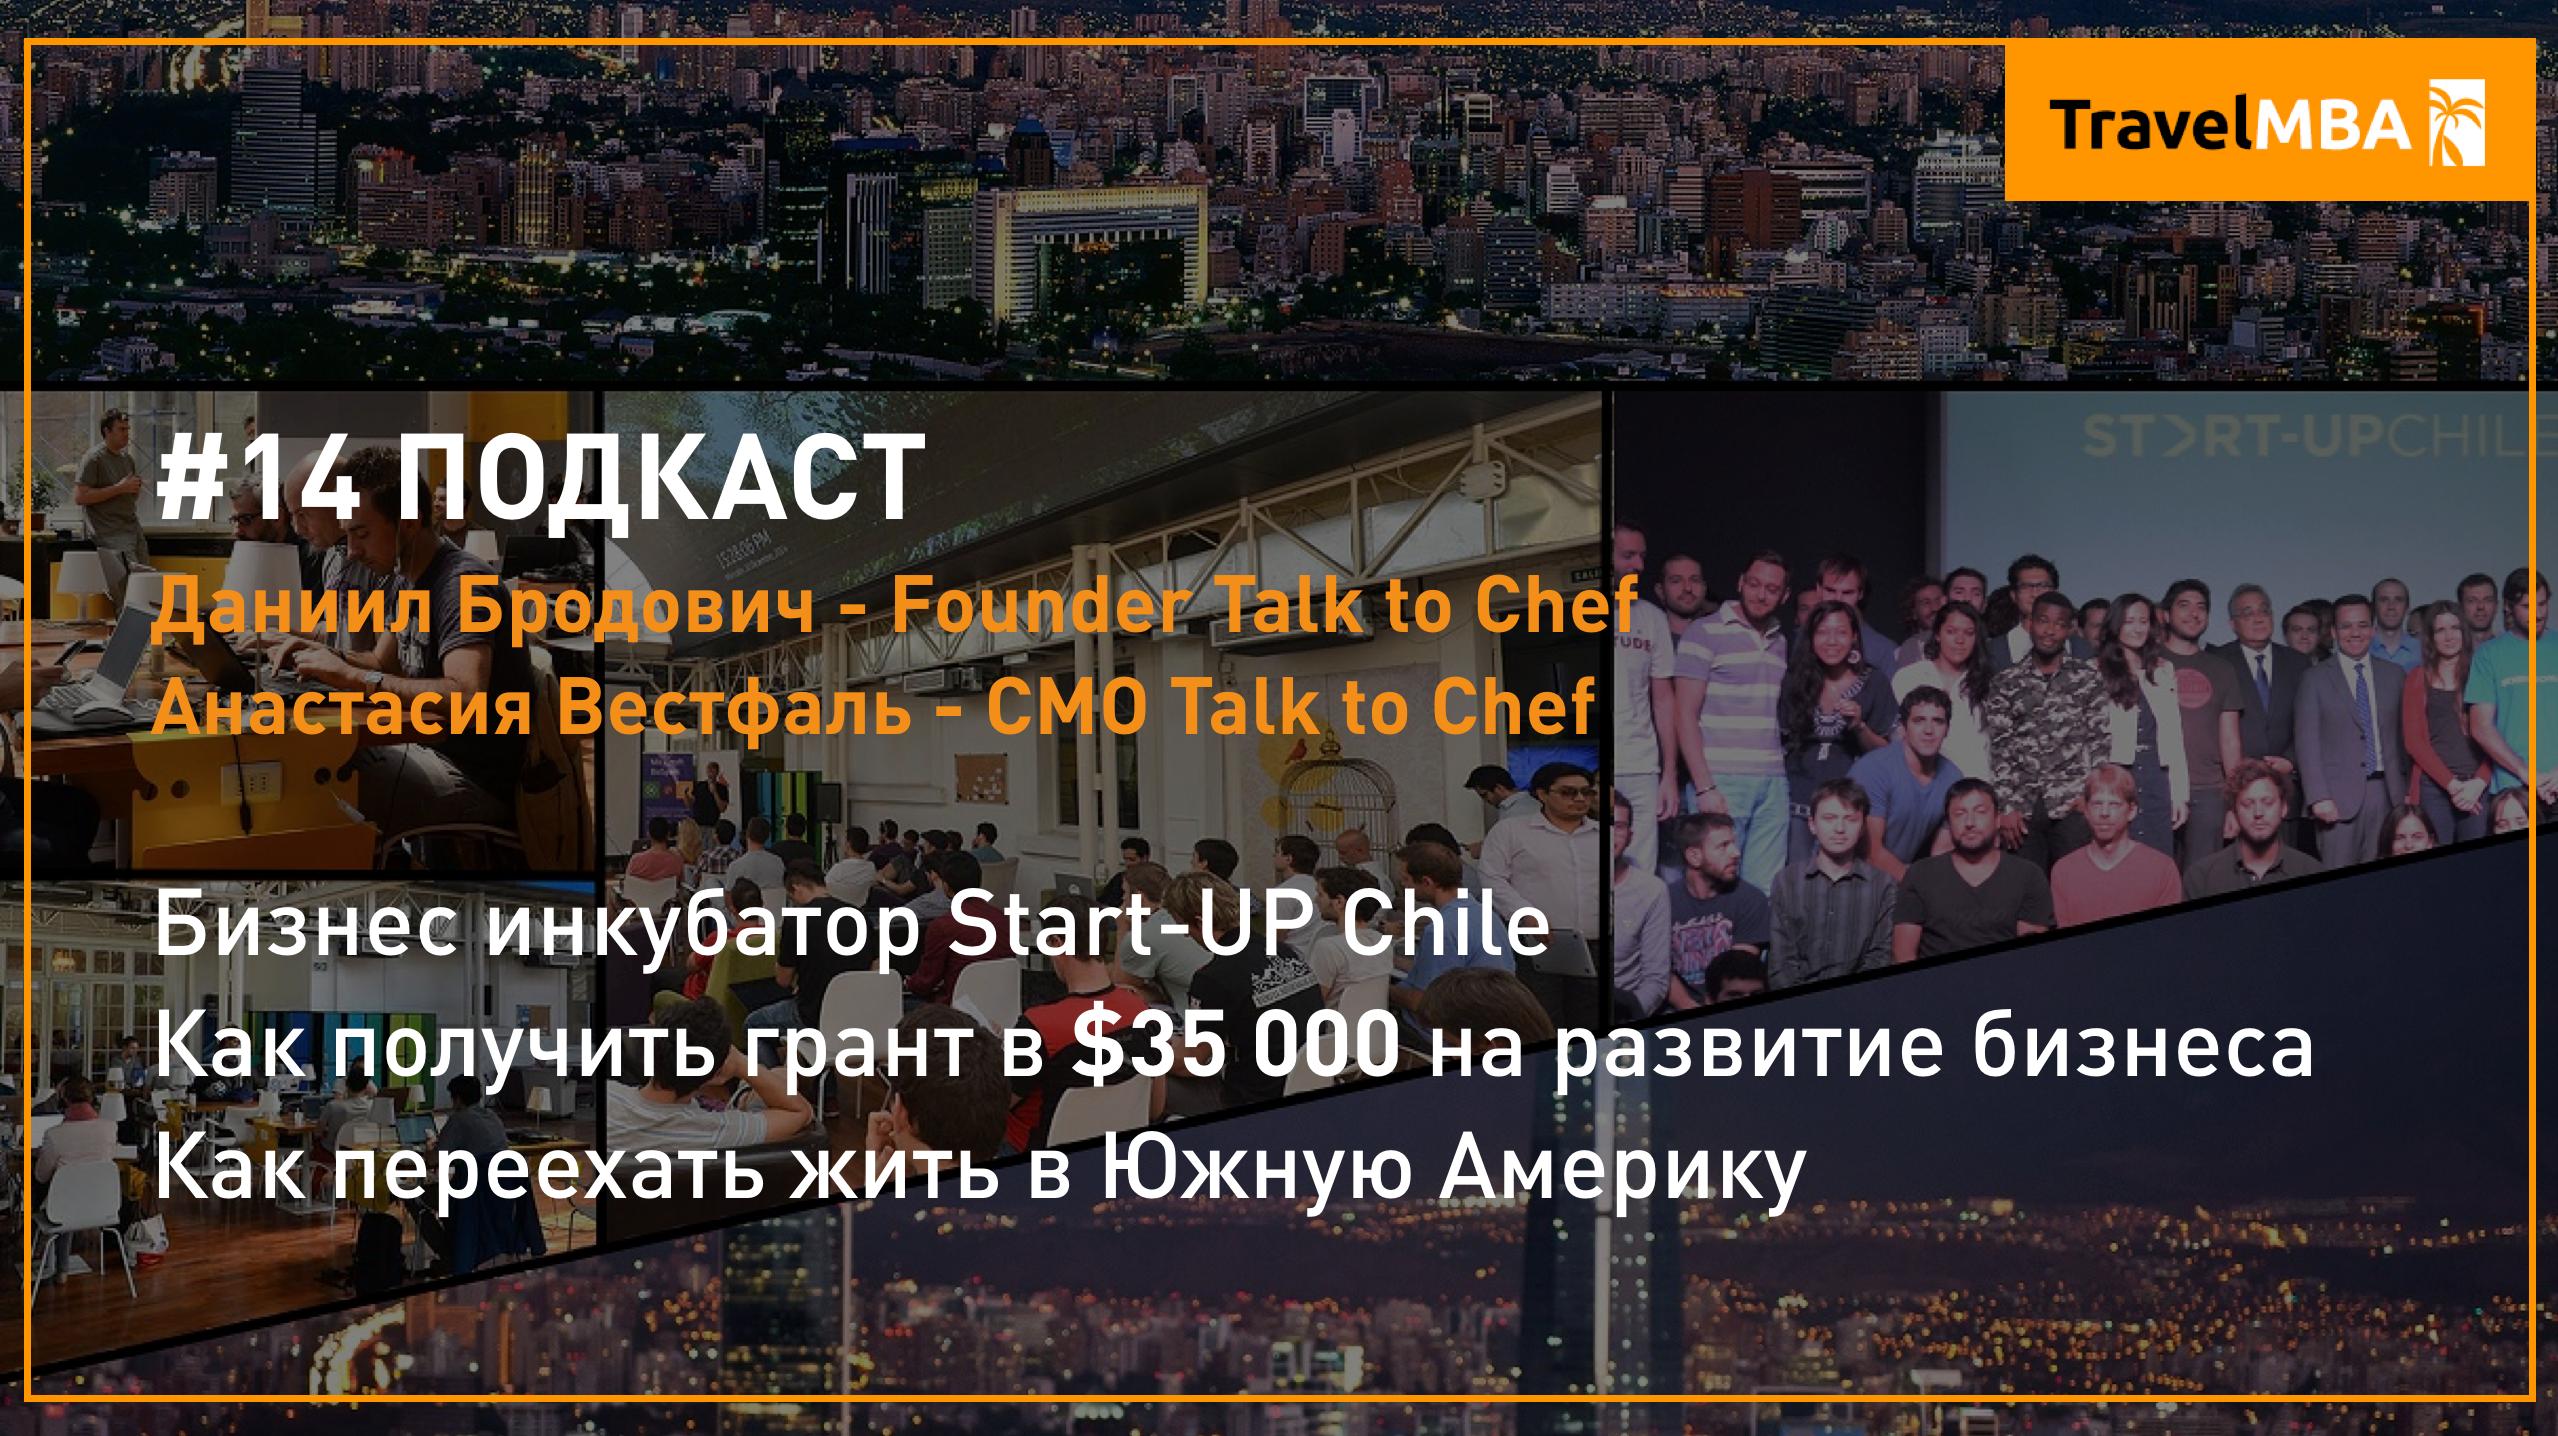 [Подкаст] Даниил Бродович -  Как получить грант на бизнес $35 000 в инкубаторе Startup Chile и переехать в Южную Америку